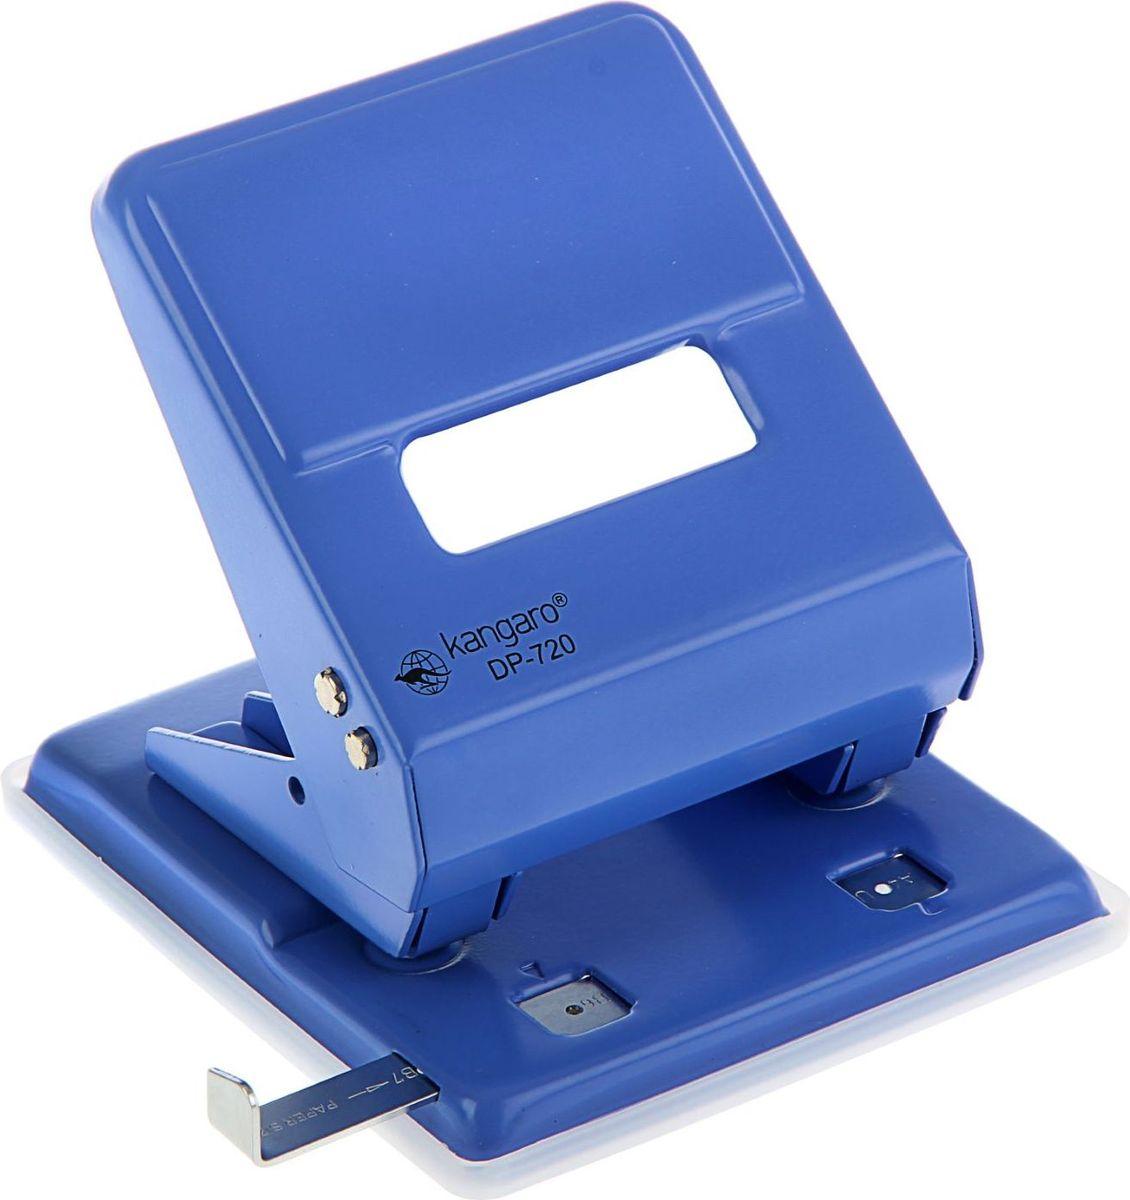 Kangaro Дырокол DP-720 с линейкой на 45 листов цвет синий дырокол deli pro e0120 40 листов в ассортименте